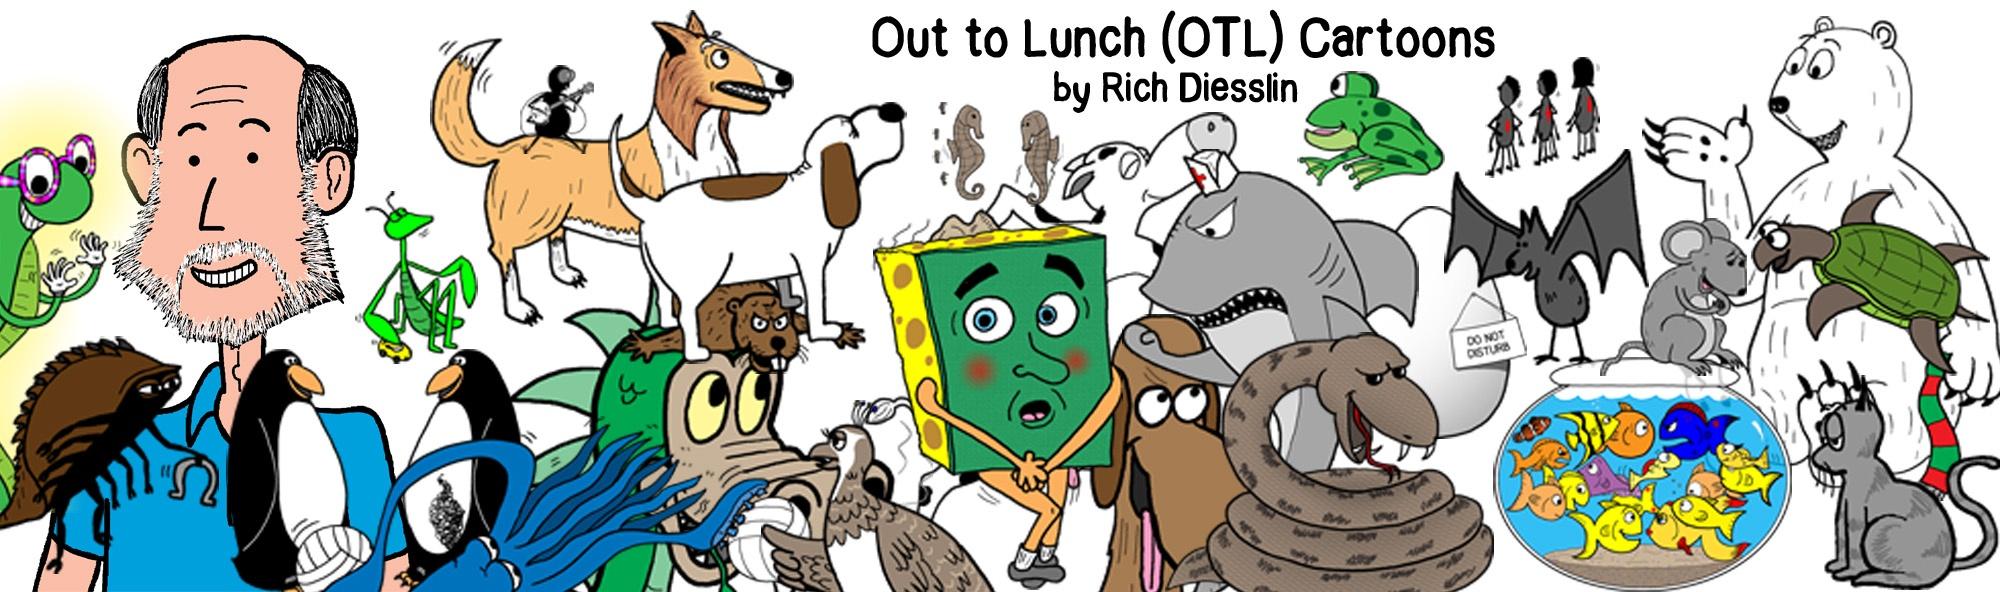 cartoonist Cover